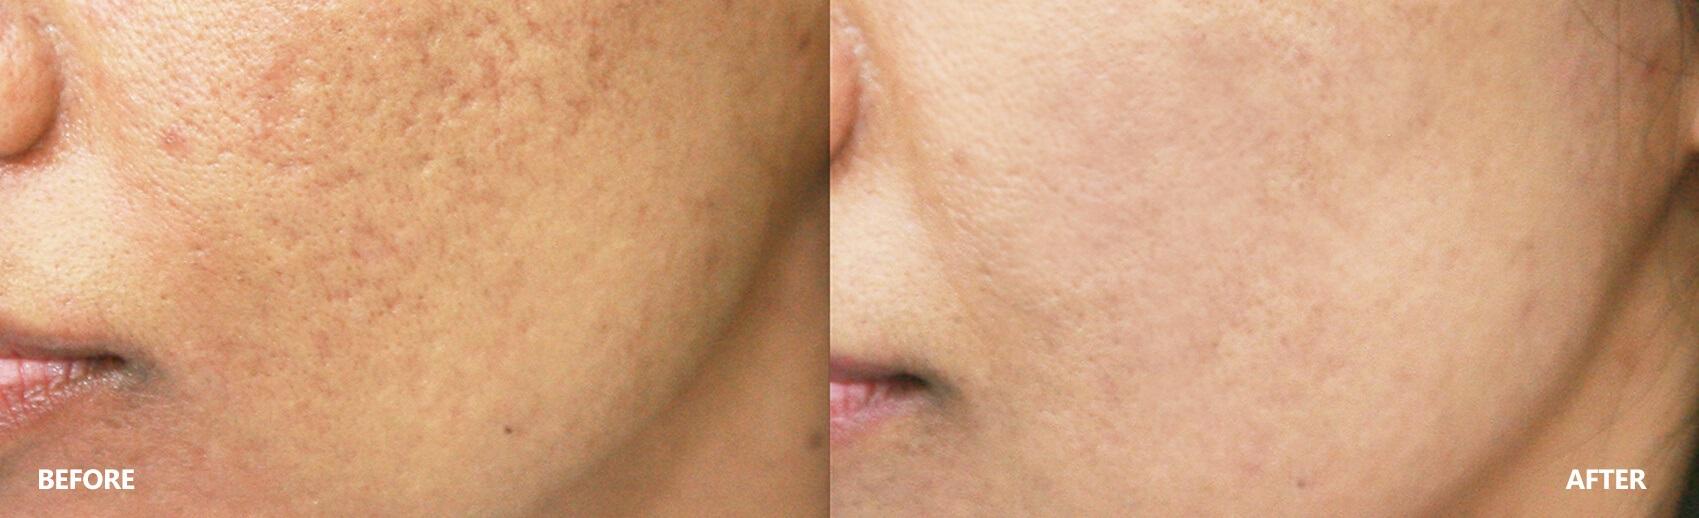 scar-result-1